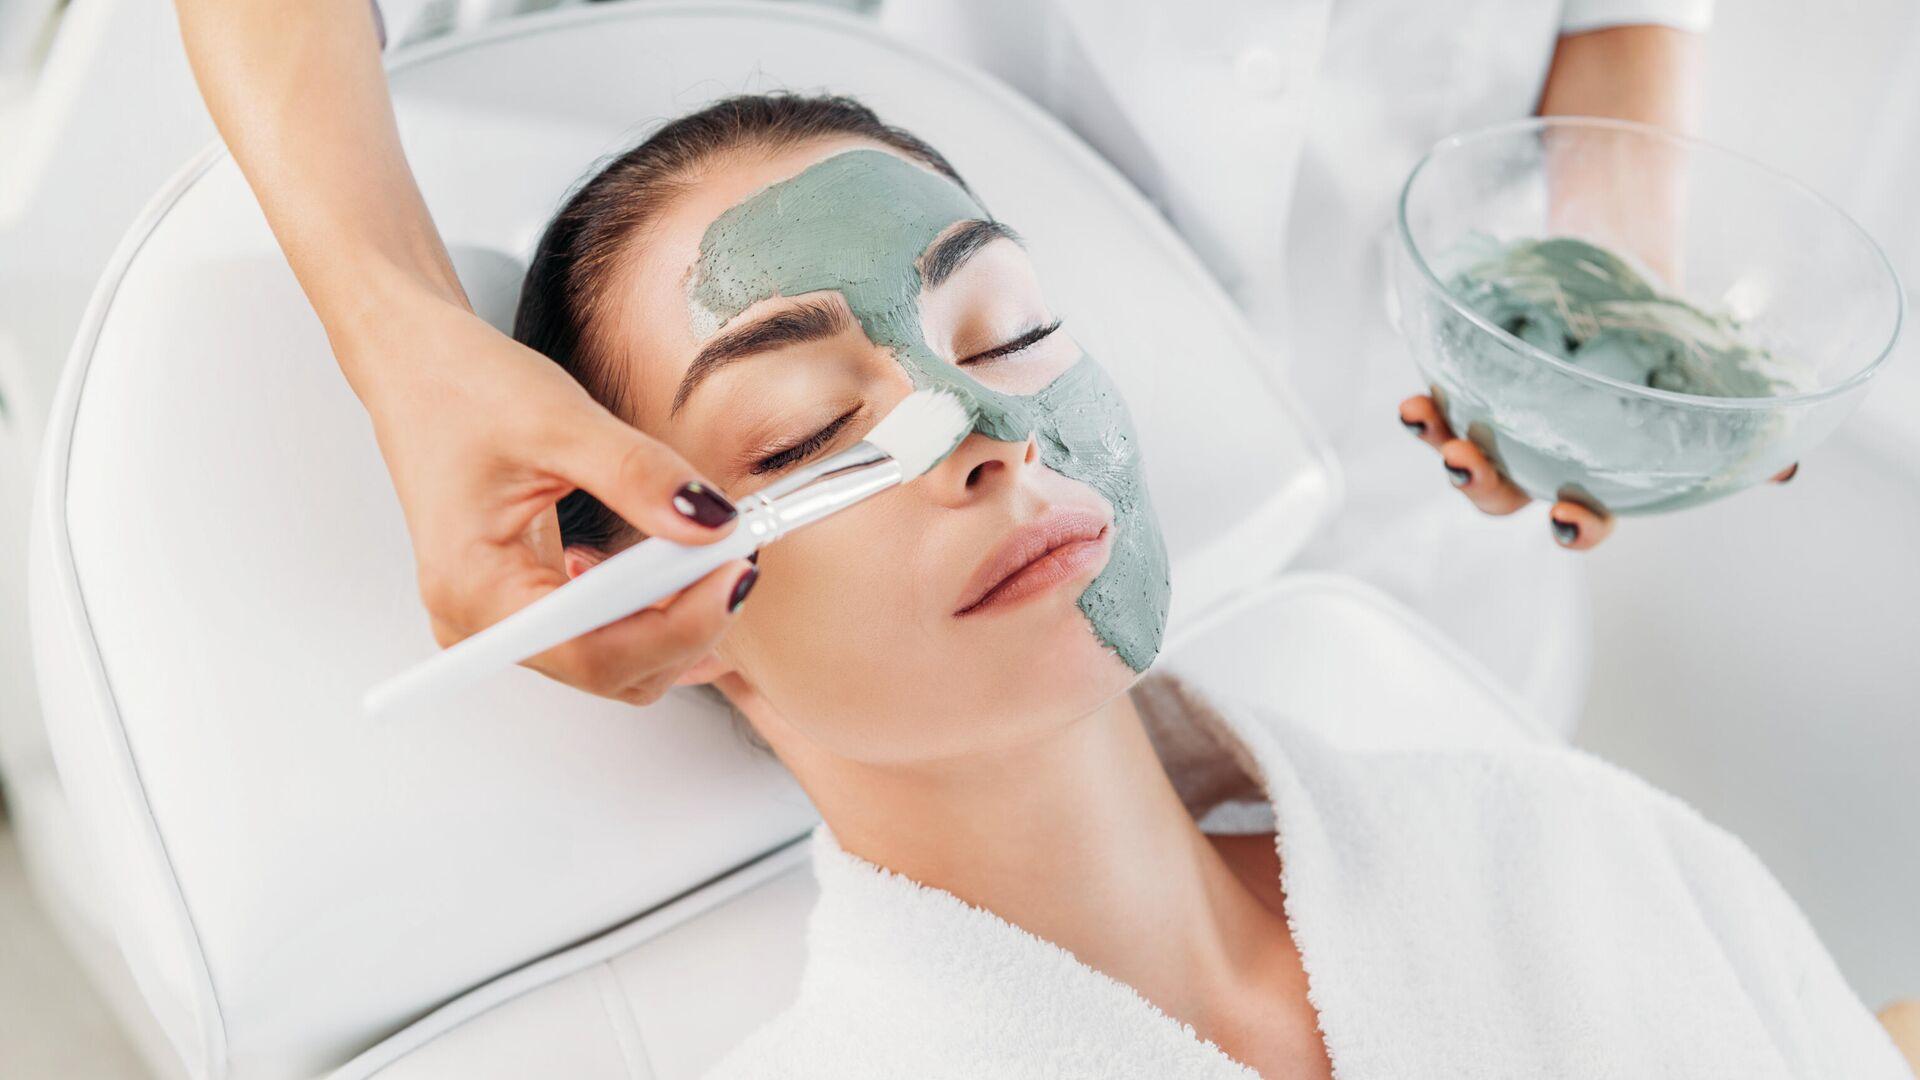 Косметолог делает маску из глины девушке в спа-салоне - РИА Новости, 1920, 08.04.2021